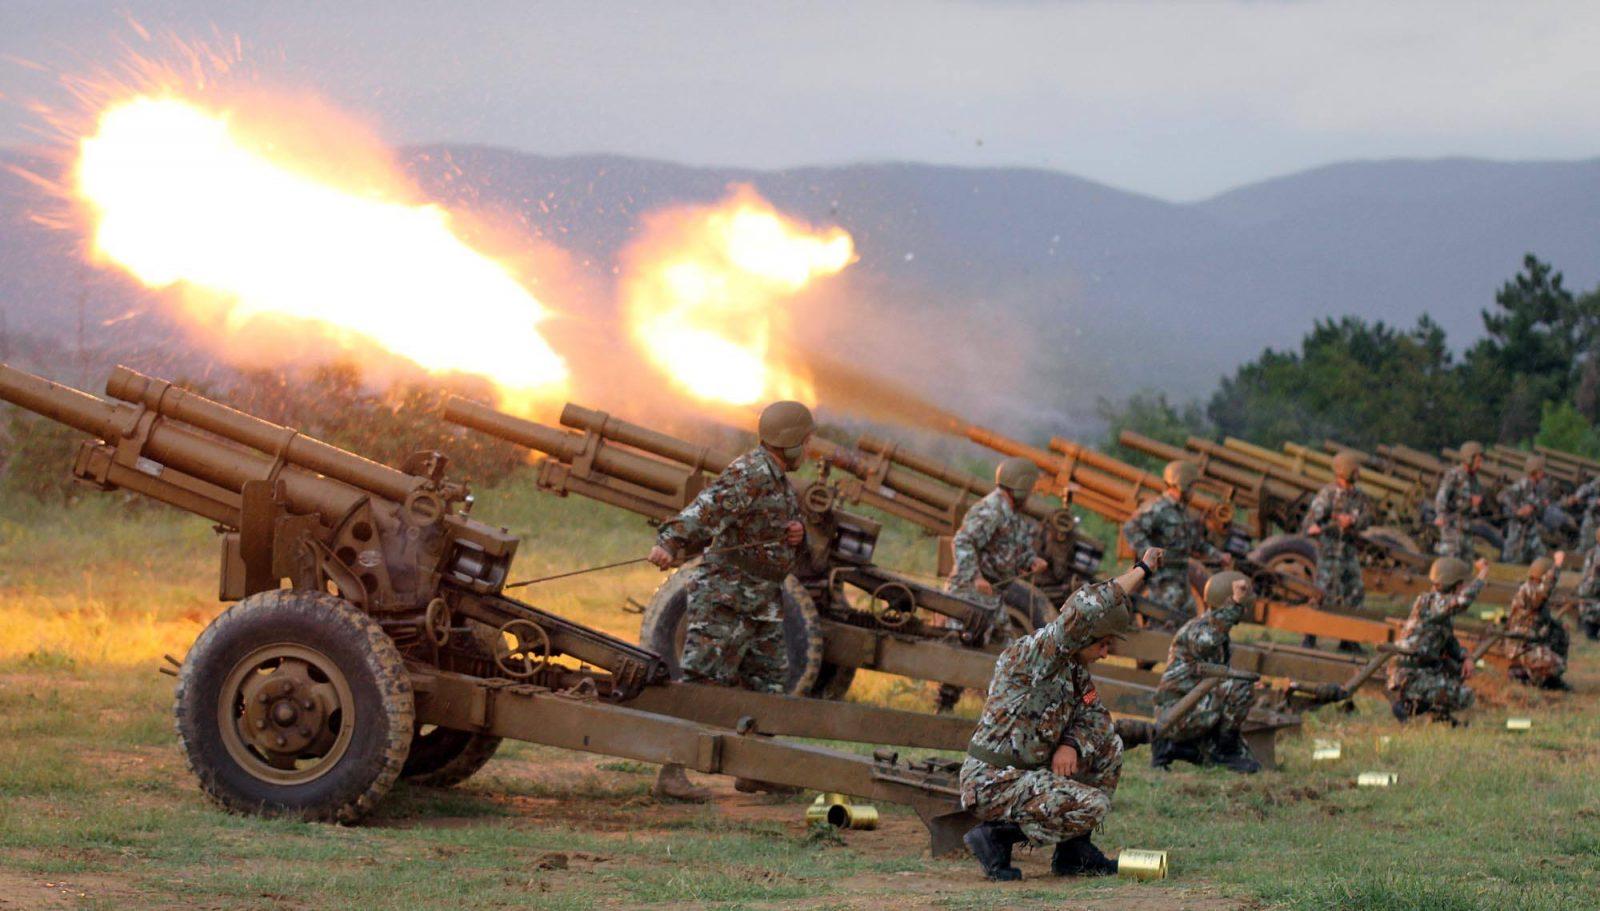 НЕ ПАНИЧЕТЕ  Во 19 часот АРМ ќе изврши почесна артилерска стрелба